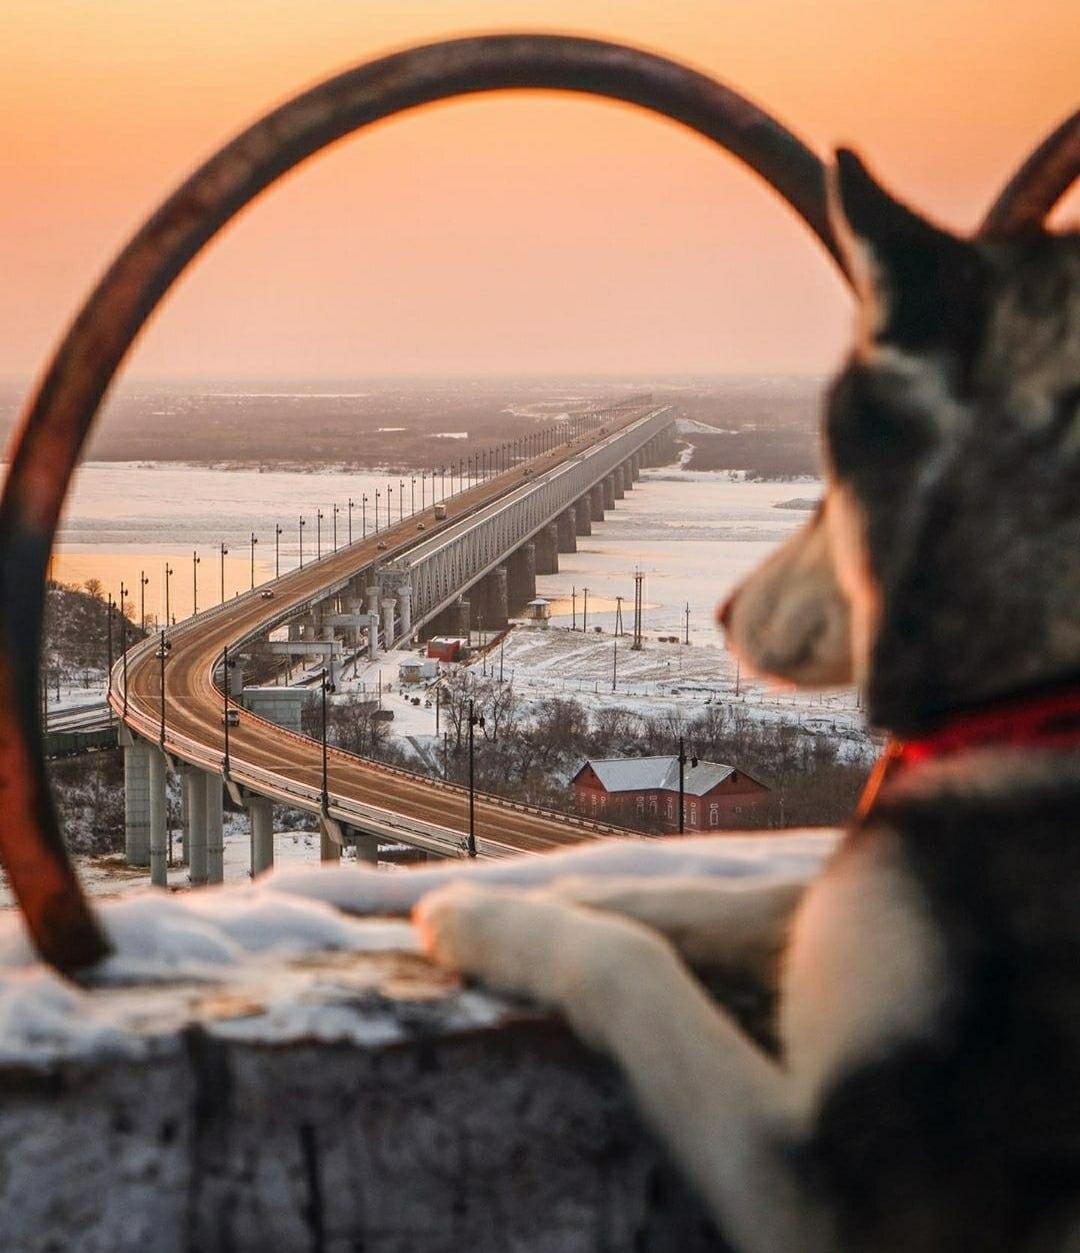 Ослабление карантинных ограничений в Хабаровском крае